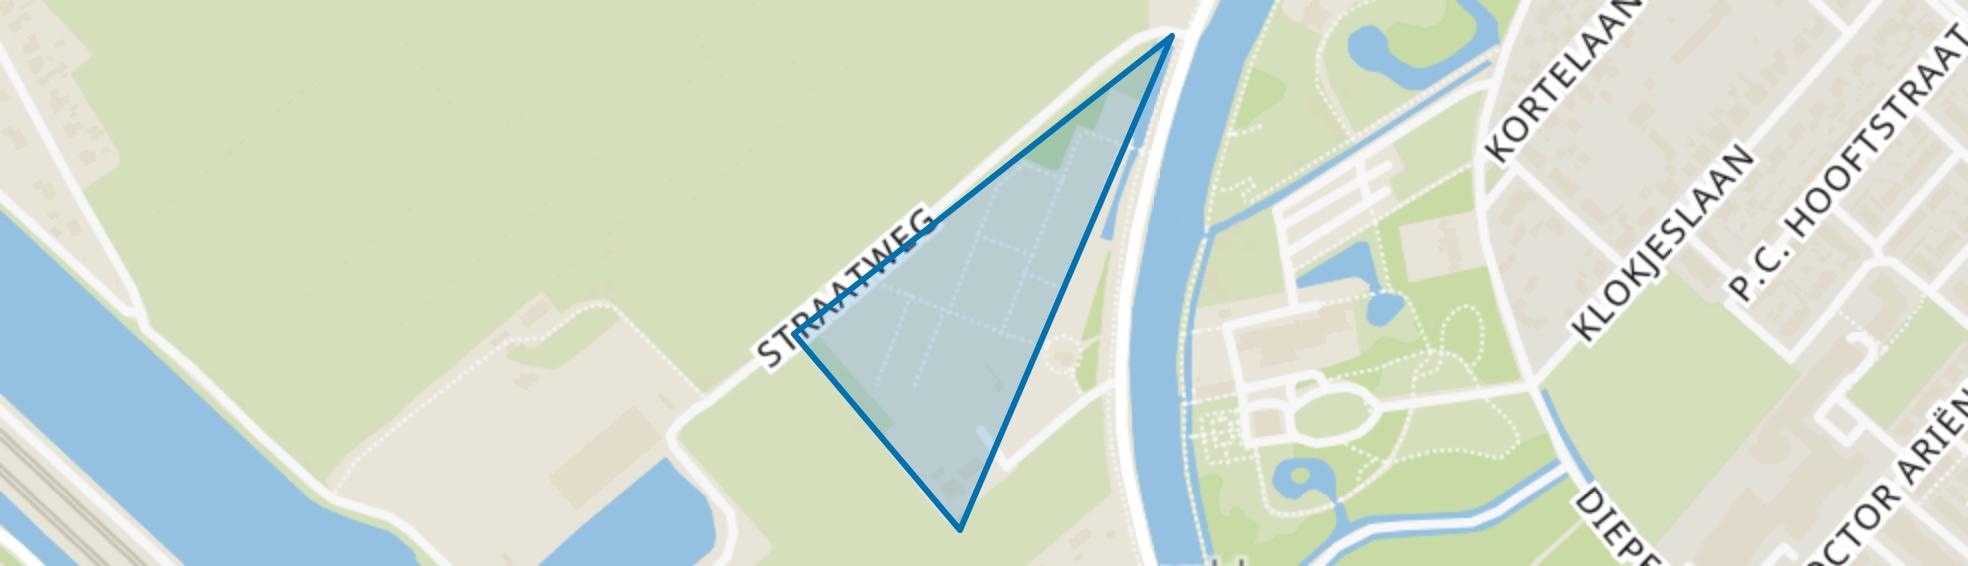 Begraafplaats Maarssen, Maarssen map